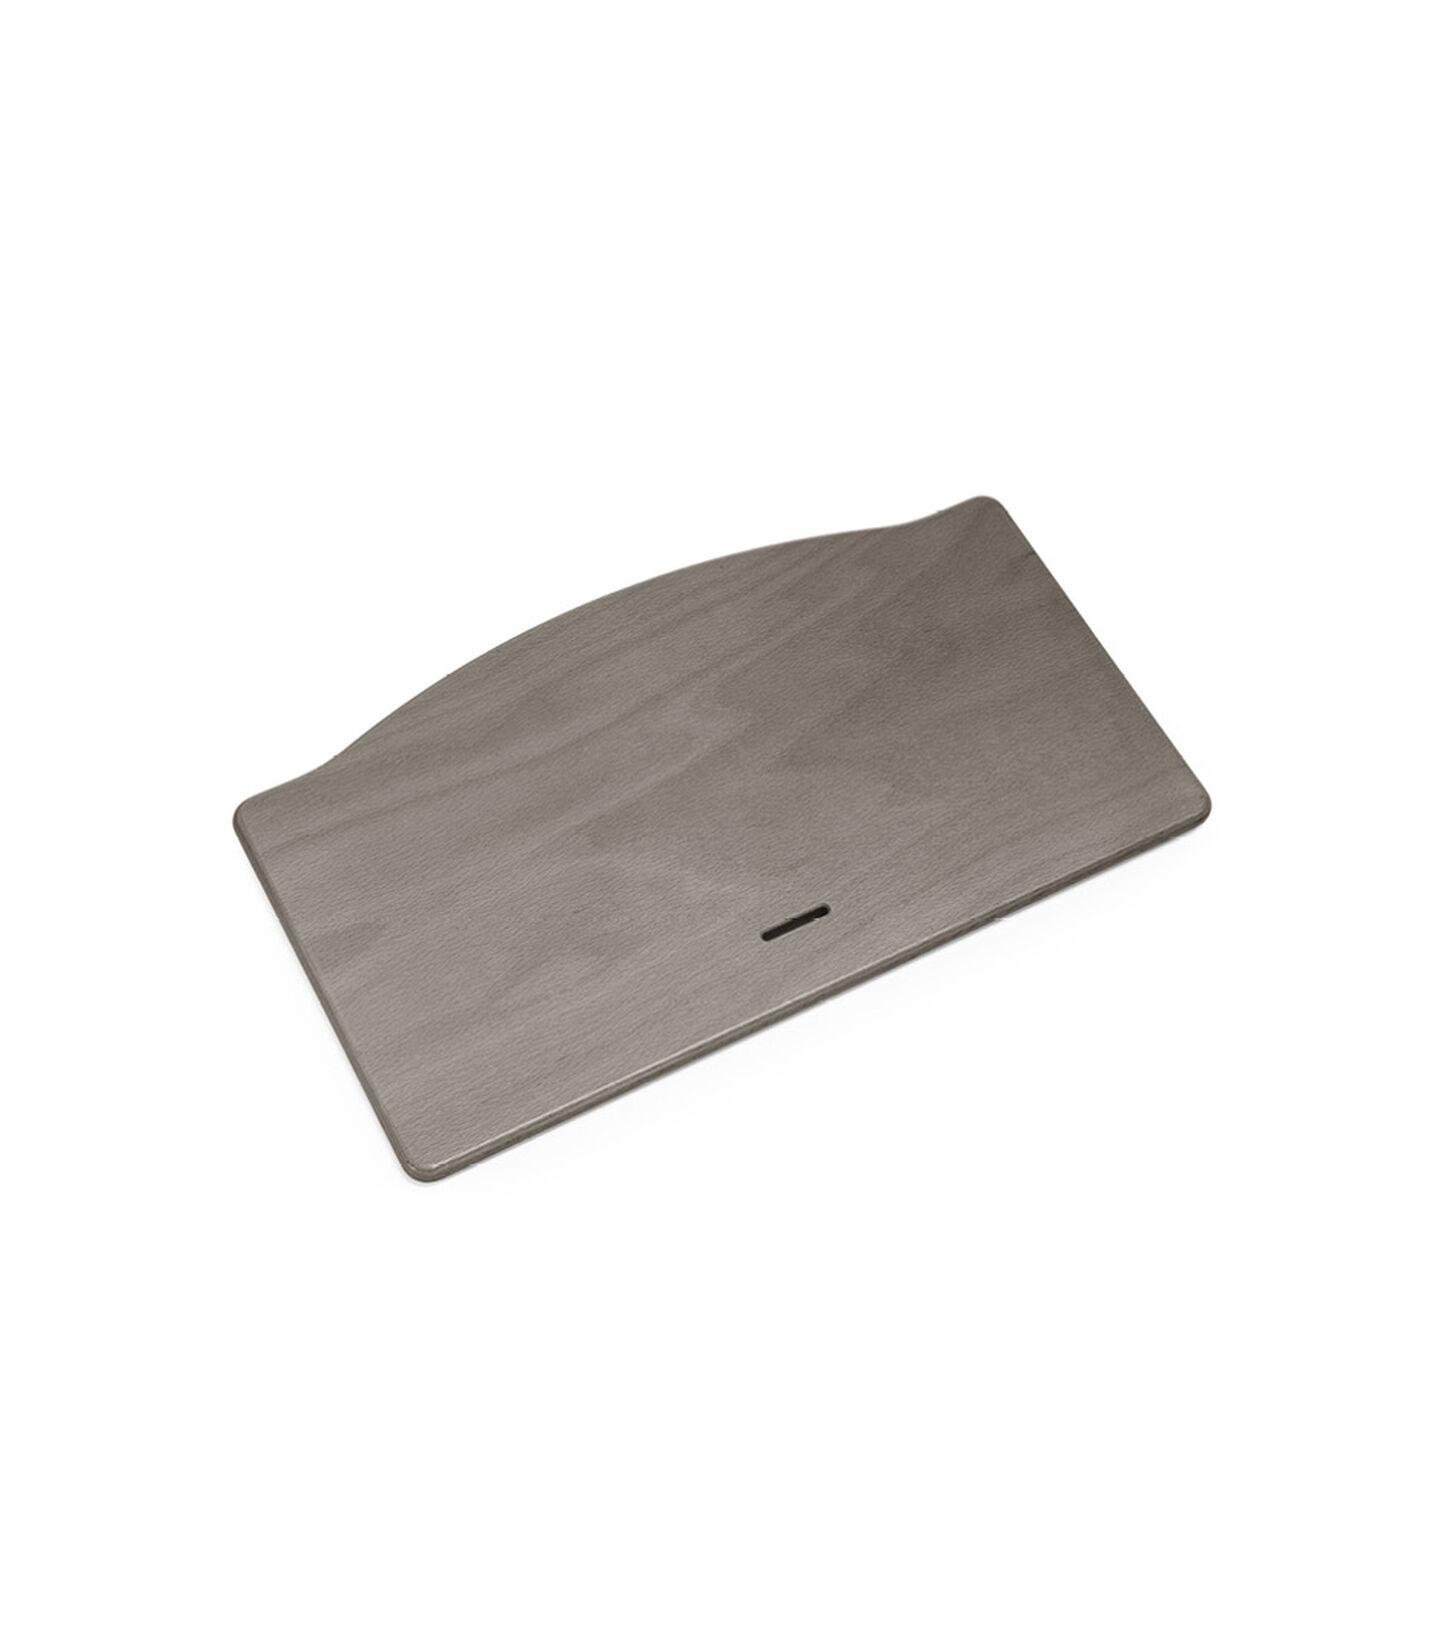 Tripp Trapp® Seatplate Hazy Grey, Grigio Opaco, mainview